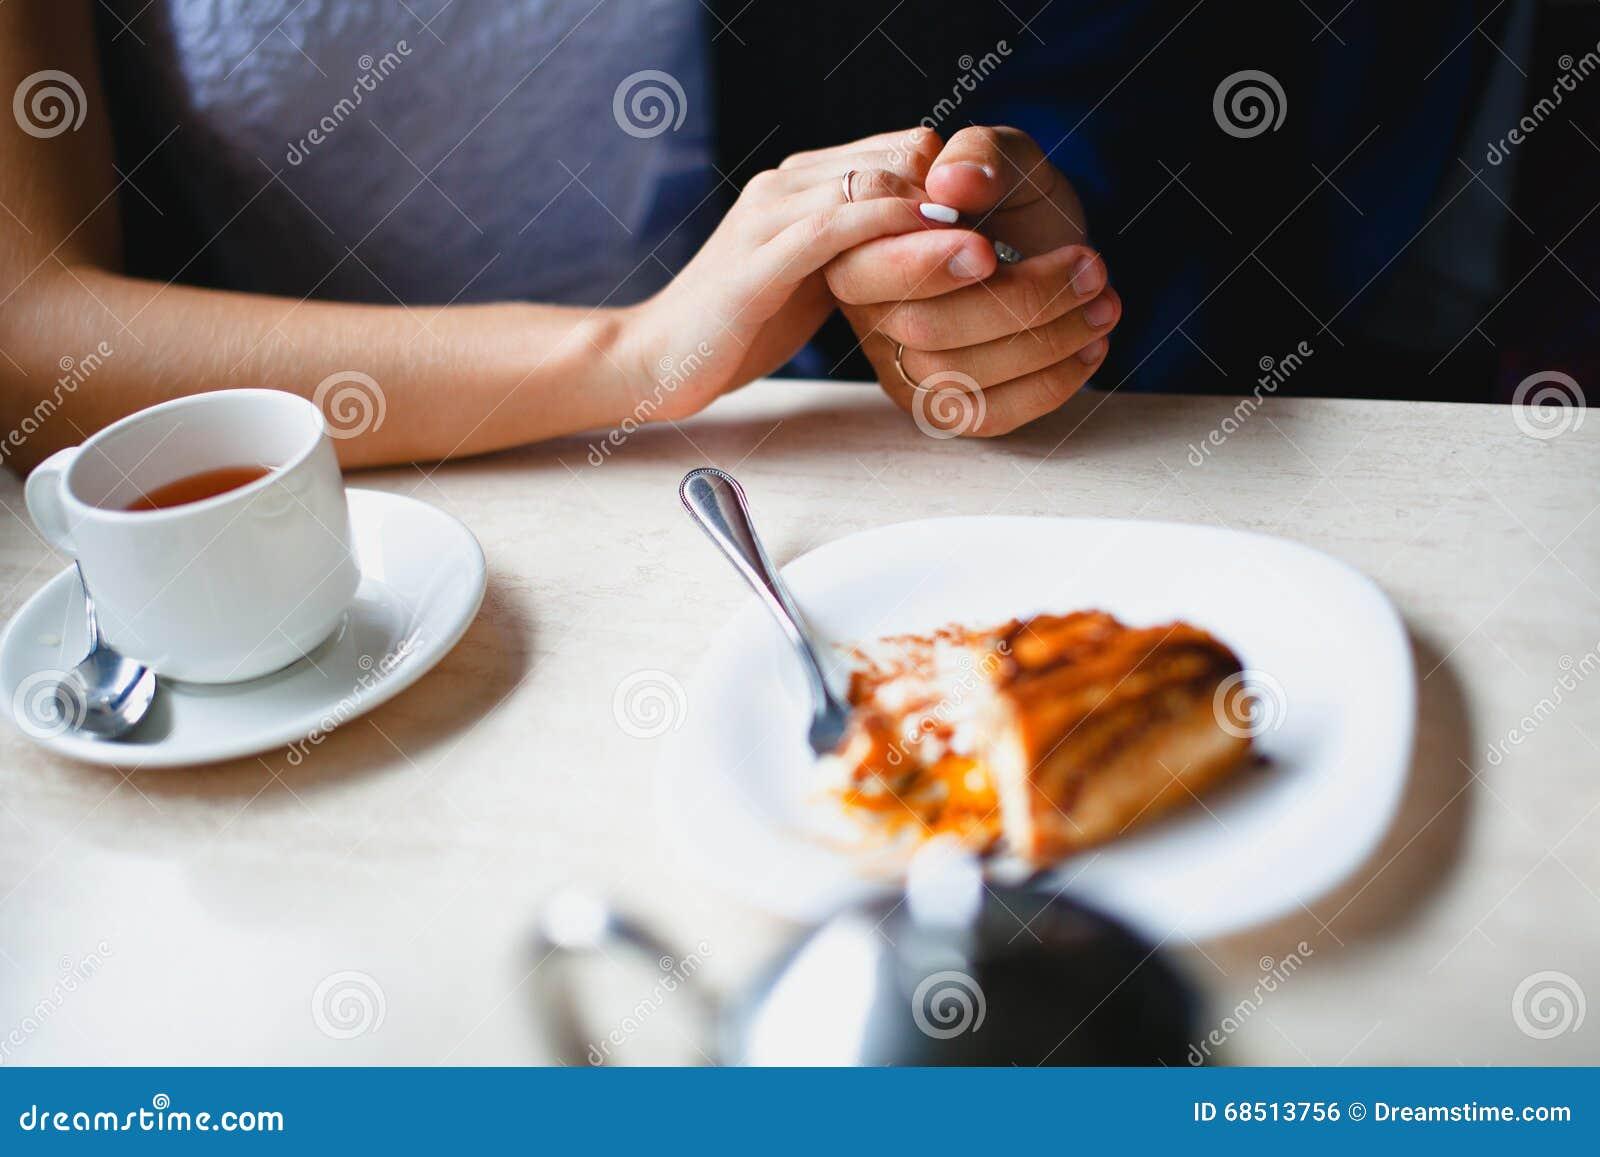 Пары в кафе держали вручную кусок пирога